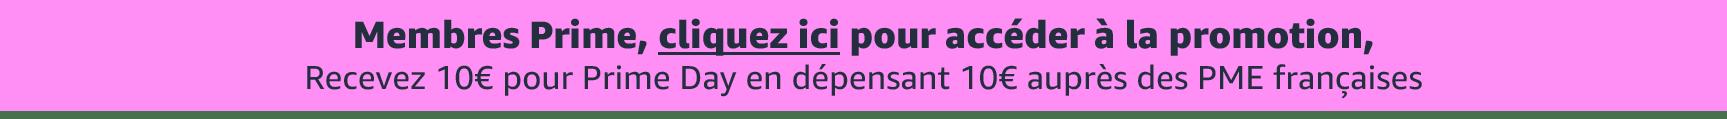 Membres Prime, cliquez ici pour accéder à la promotion, recevez 10€ pour Prime Day en dépensant 10€ auprès des PME françaises